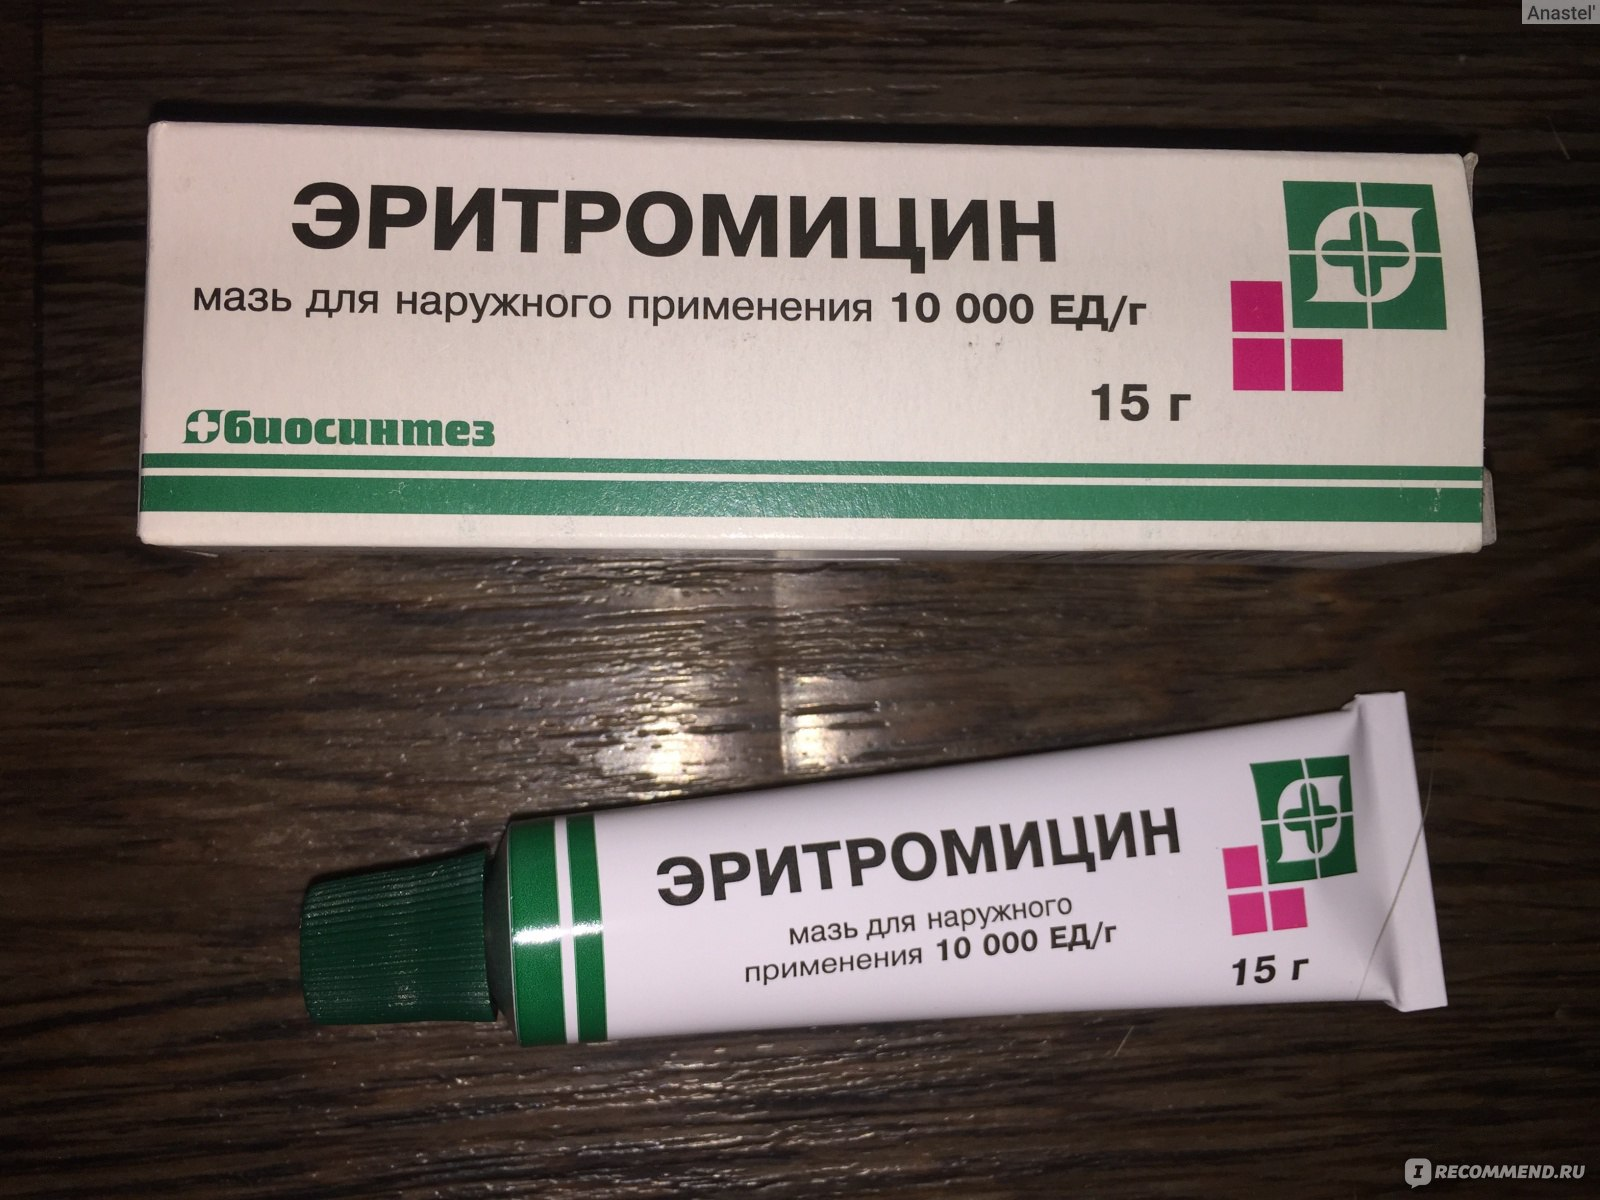 Левомеколь или тетрациклин что лучше сравнение препаратов